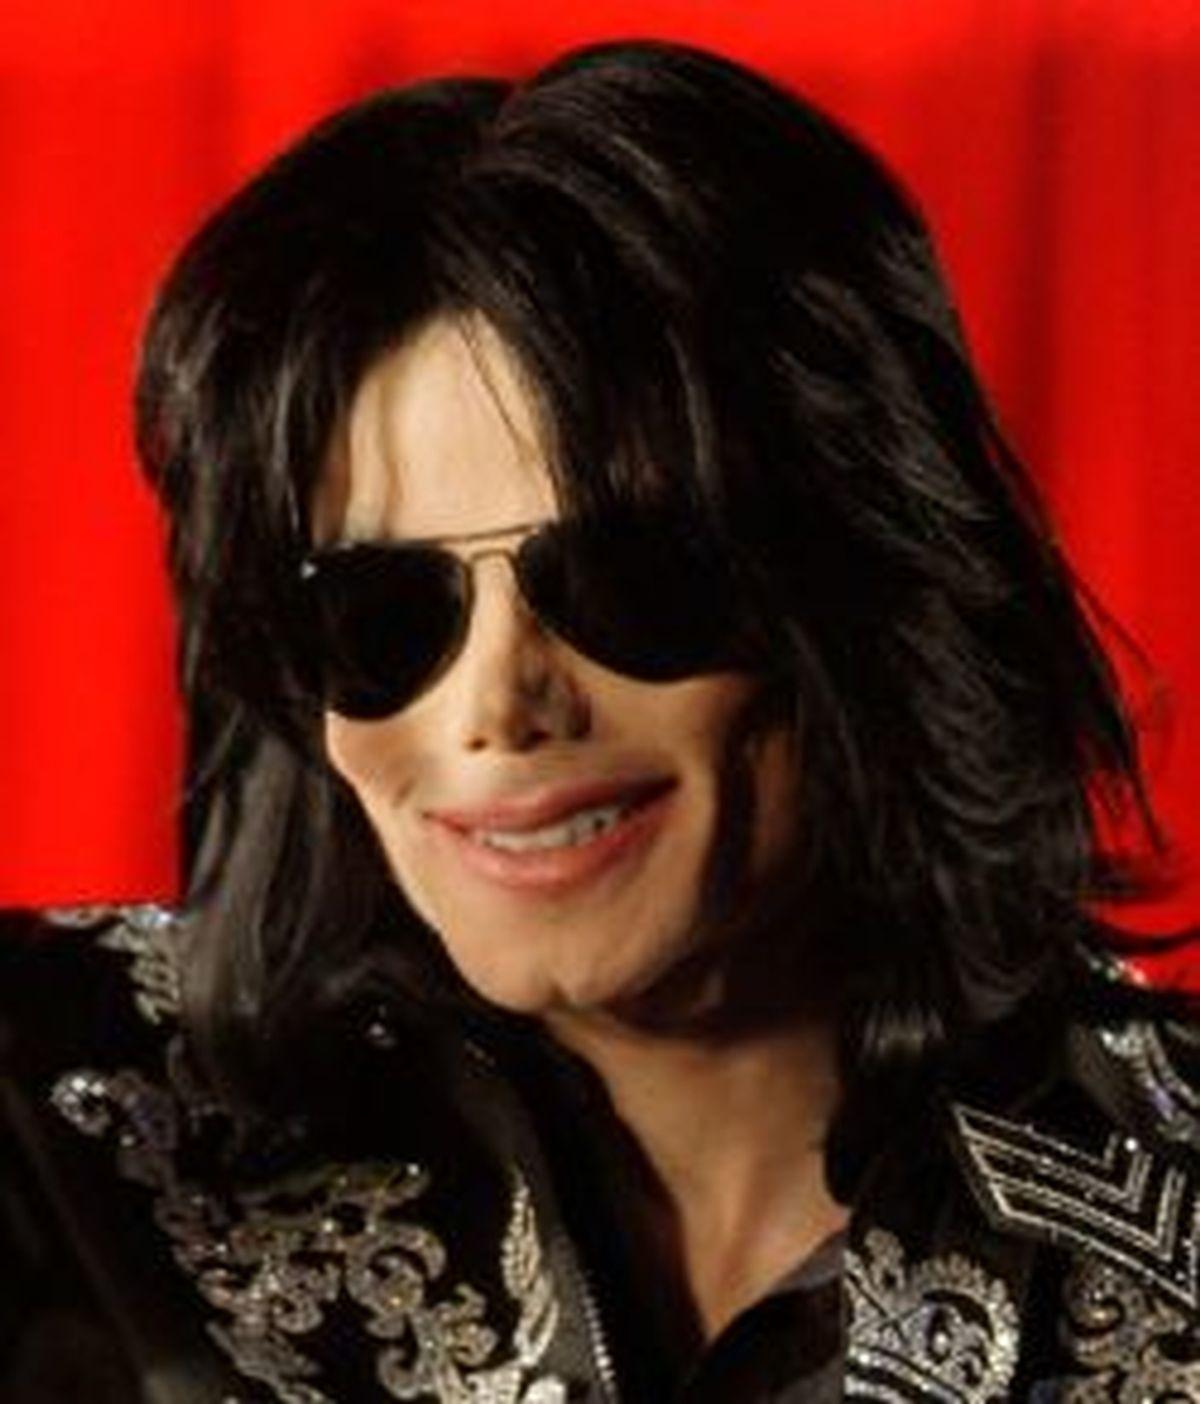 La cadena de televisión Discovery no emitirá la reconstrucción de la autopsia de Michael Jackson. Foto: Gtres.